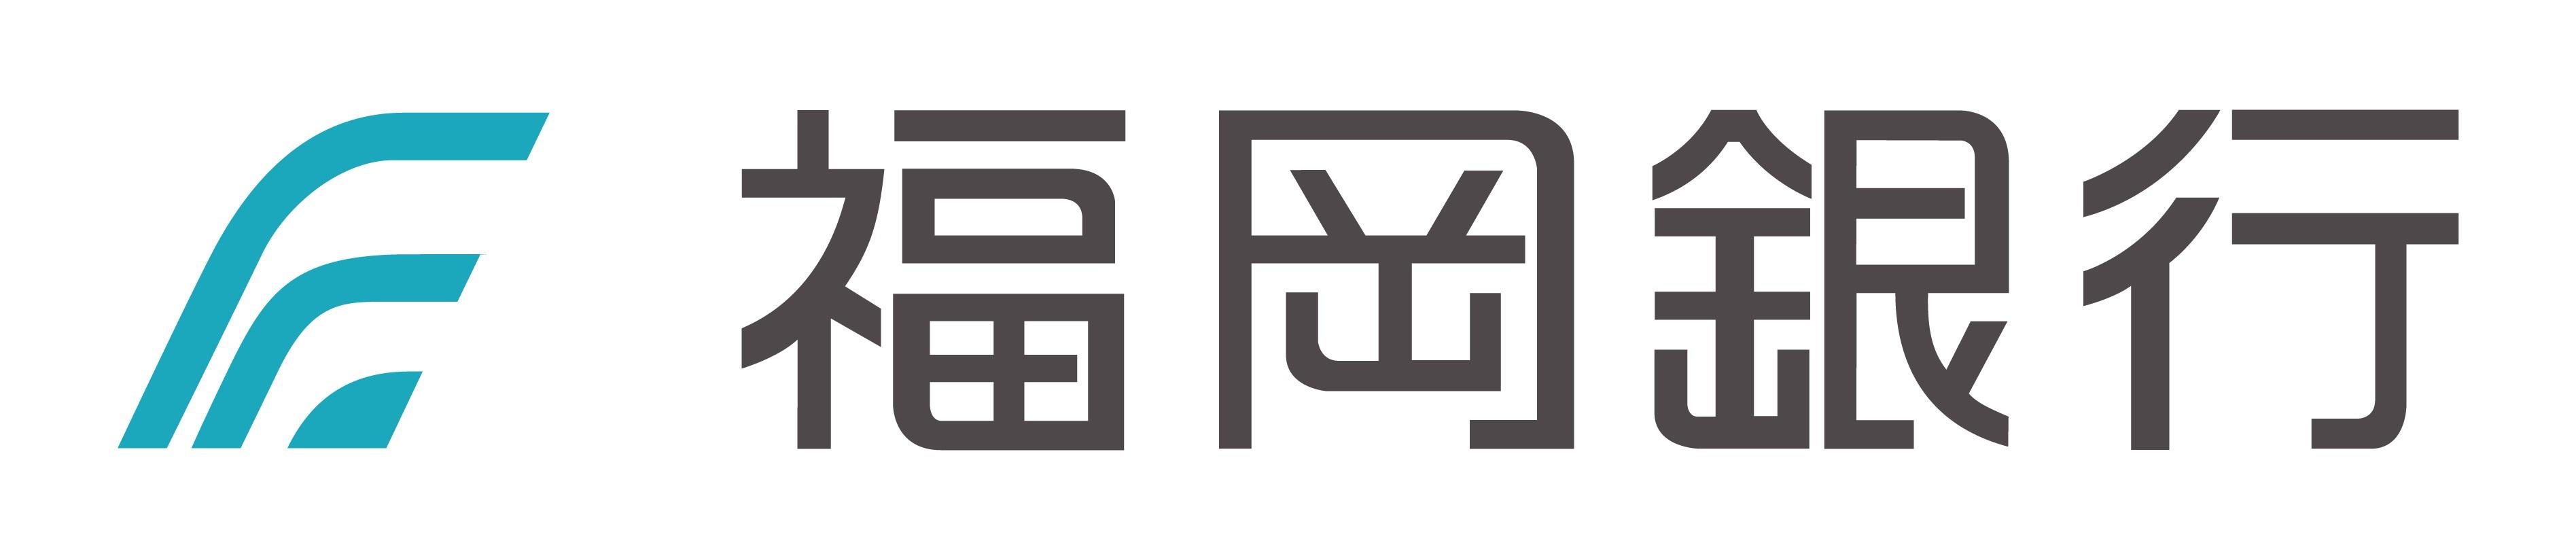 福岡 銀行